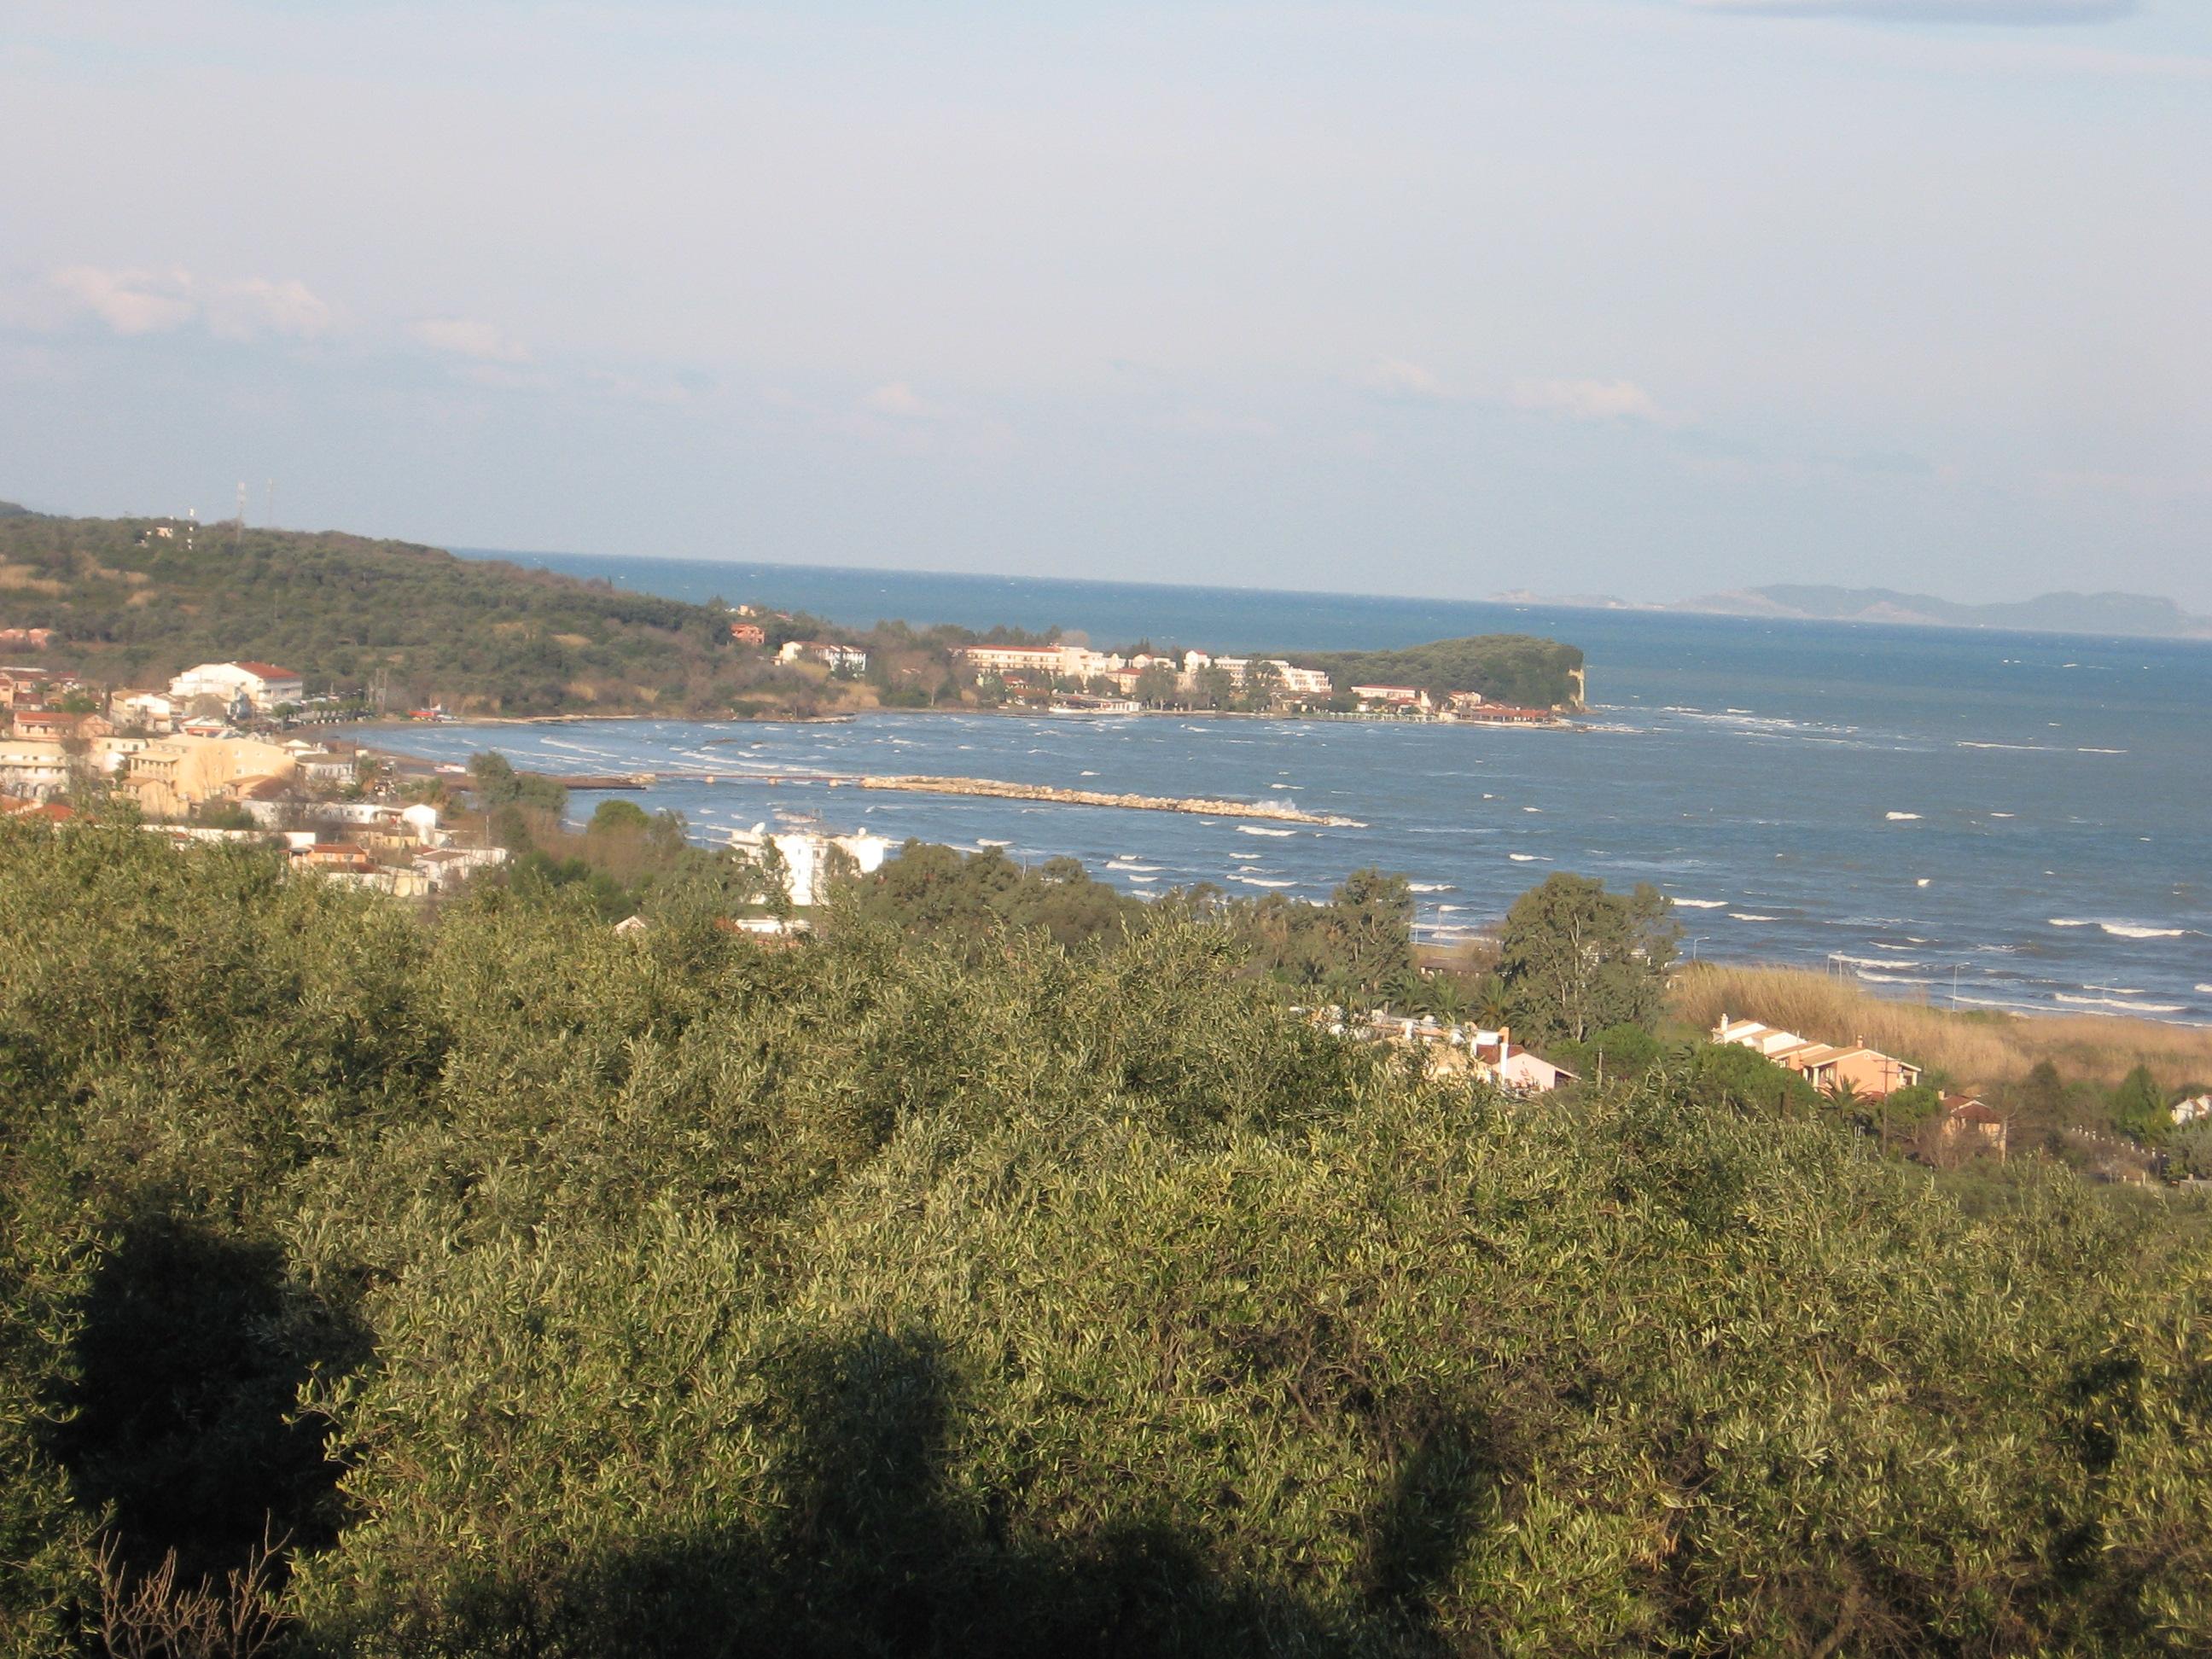 Blick nach Westen - Korfu Ferienwohnung Flora, Acharavi, Korfu, Griechenland, KorfuCorfu.de